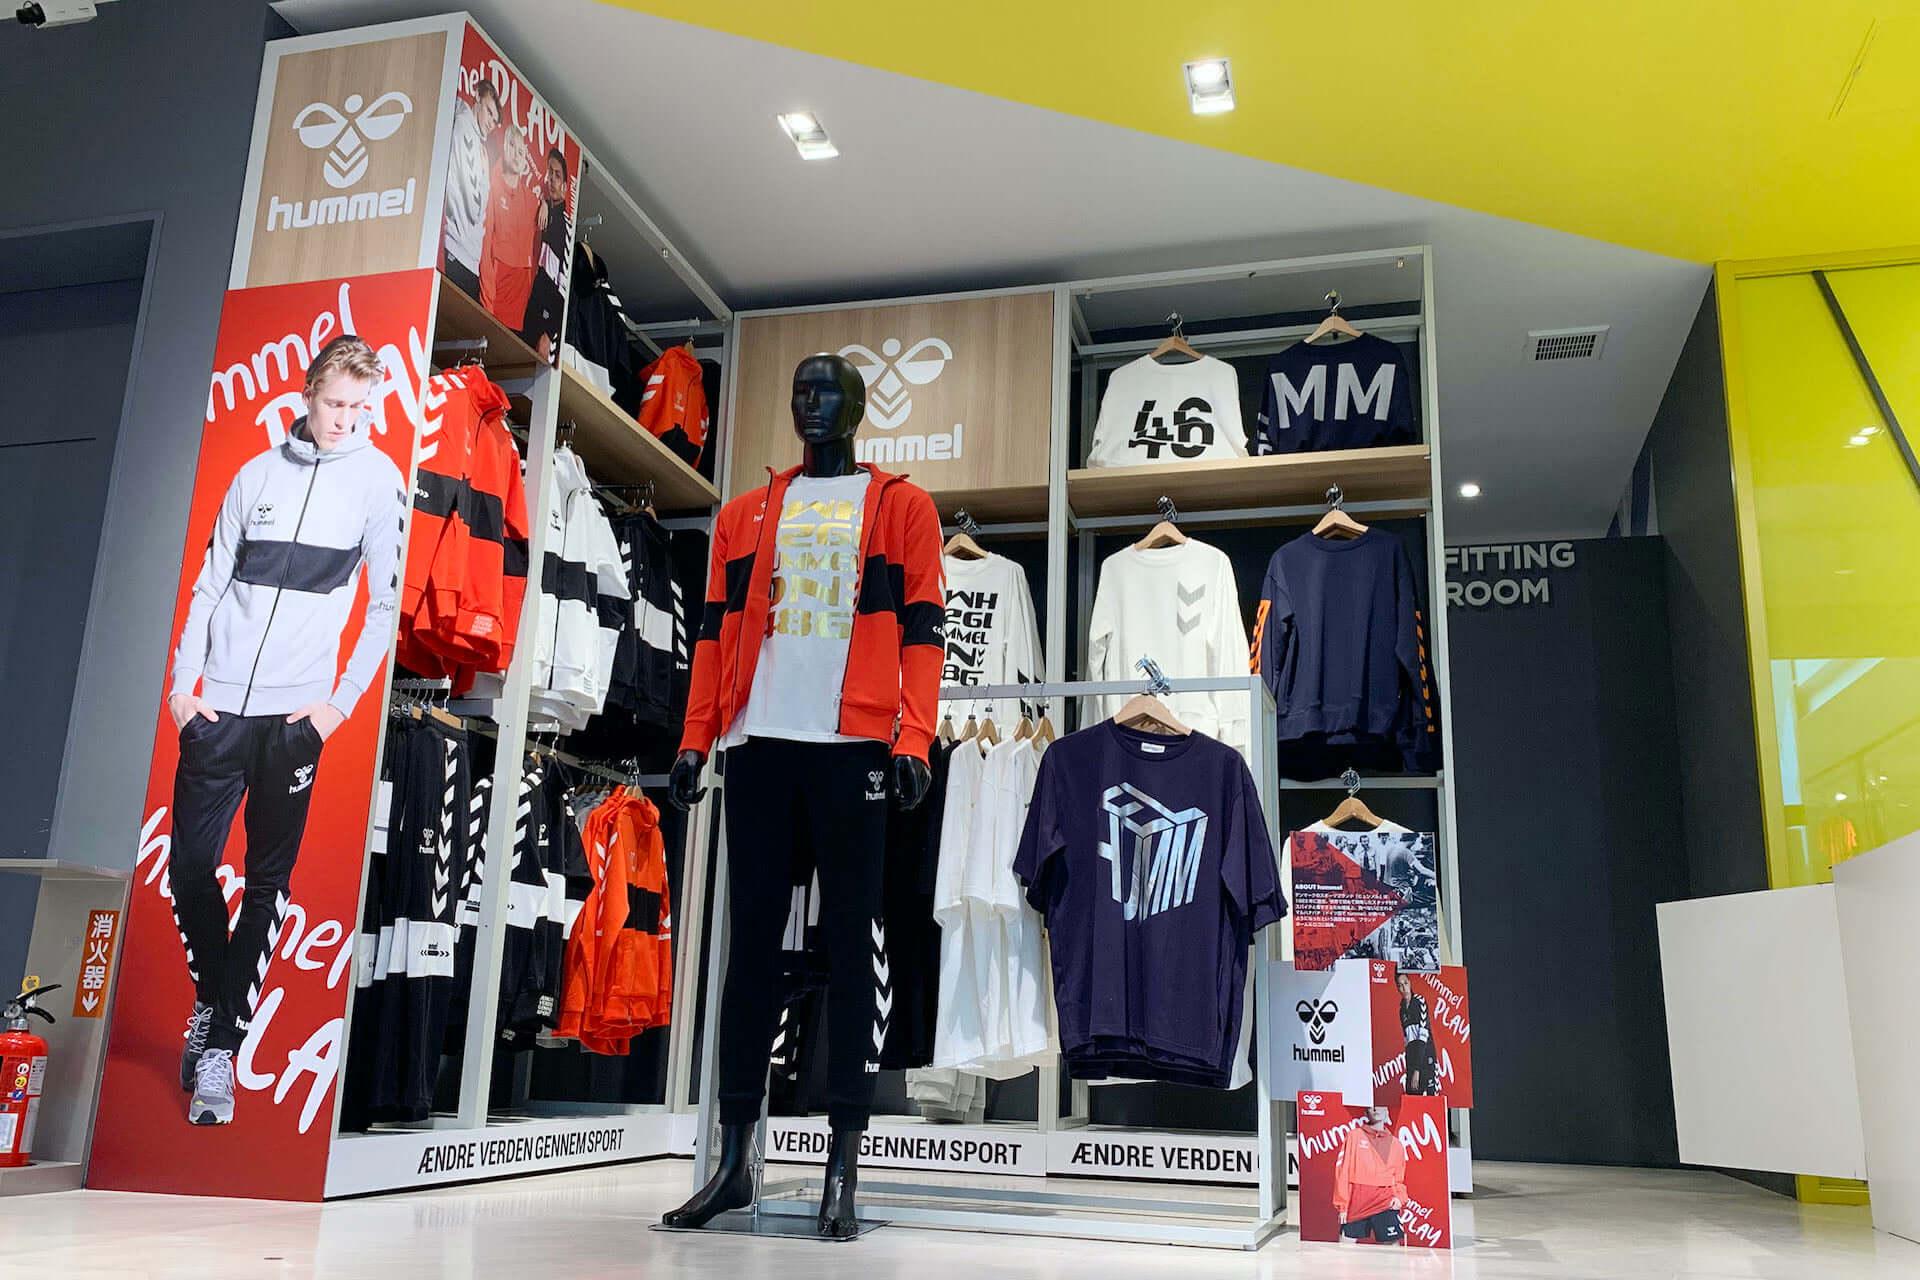 ヒュンメルのポップアップストアがゼビオ渋谷店に期間限定でオープン!「hummel PLAY」を中心としたアパレルが展開 life200316_hummel_xebio_4-1920x1280